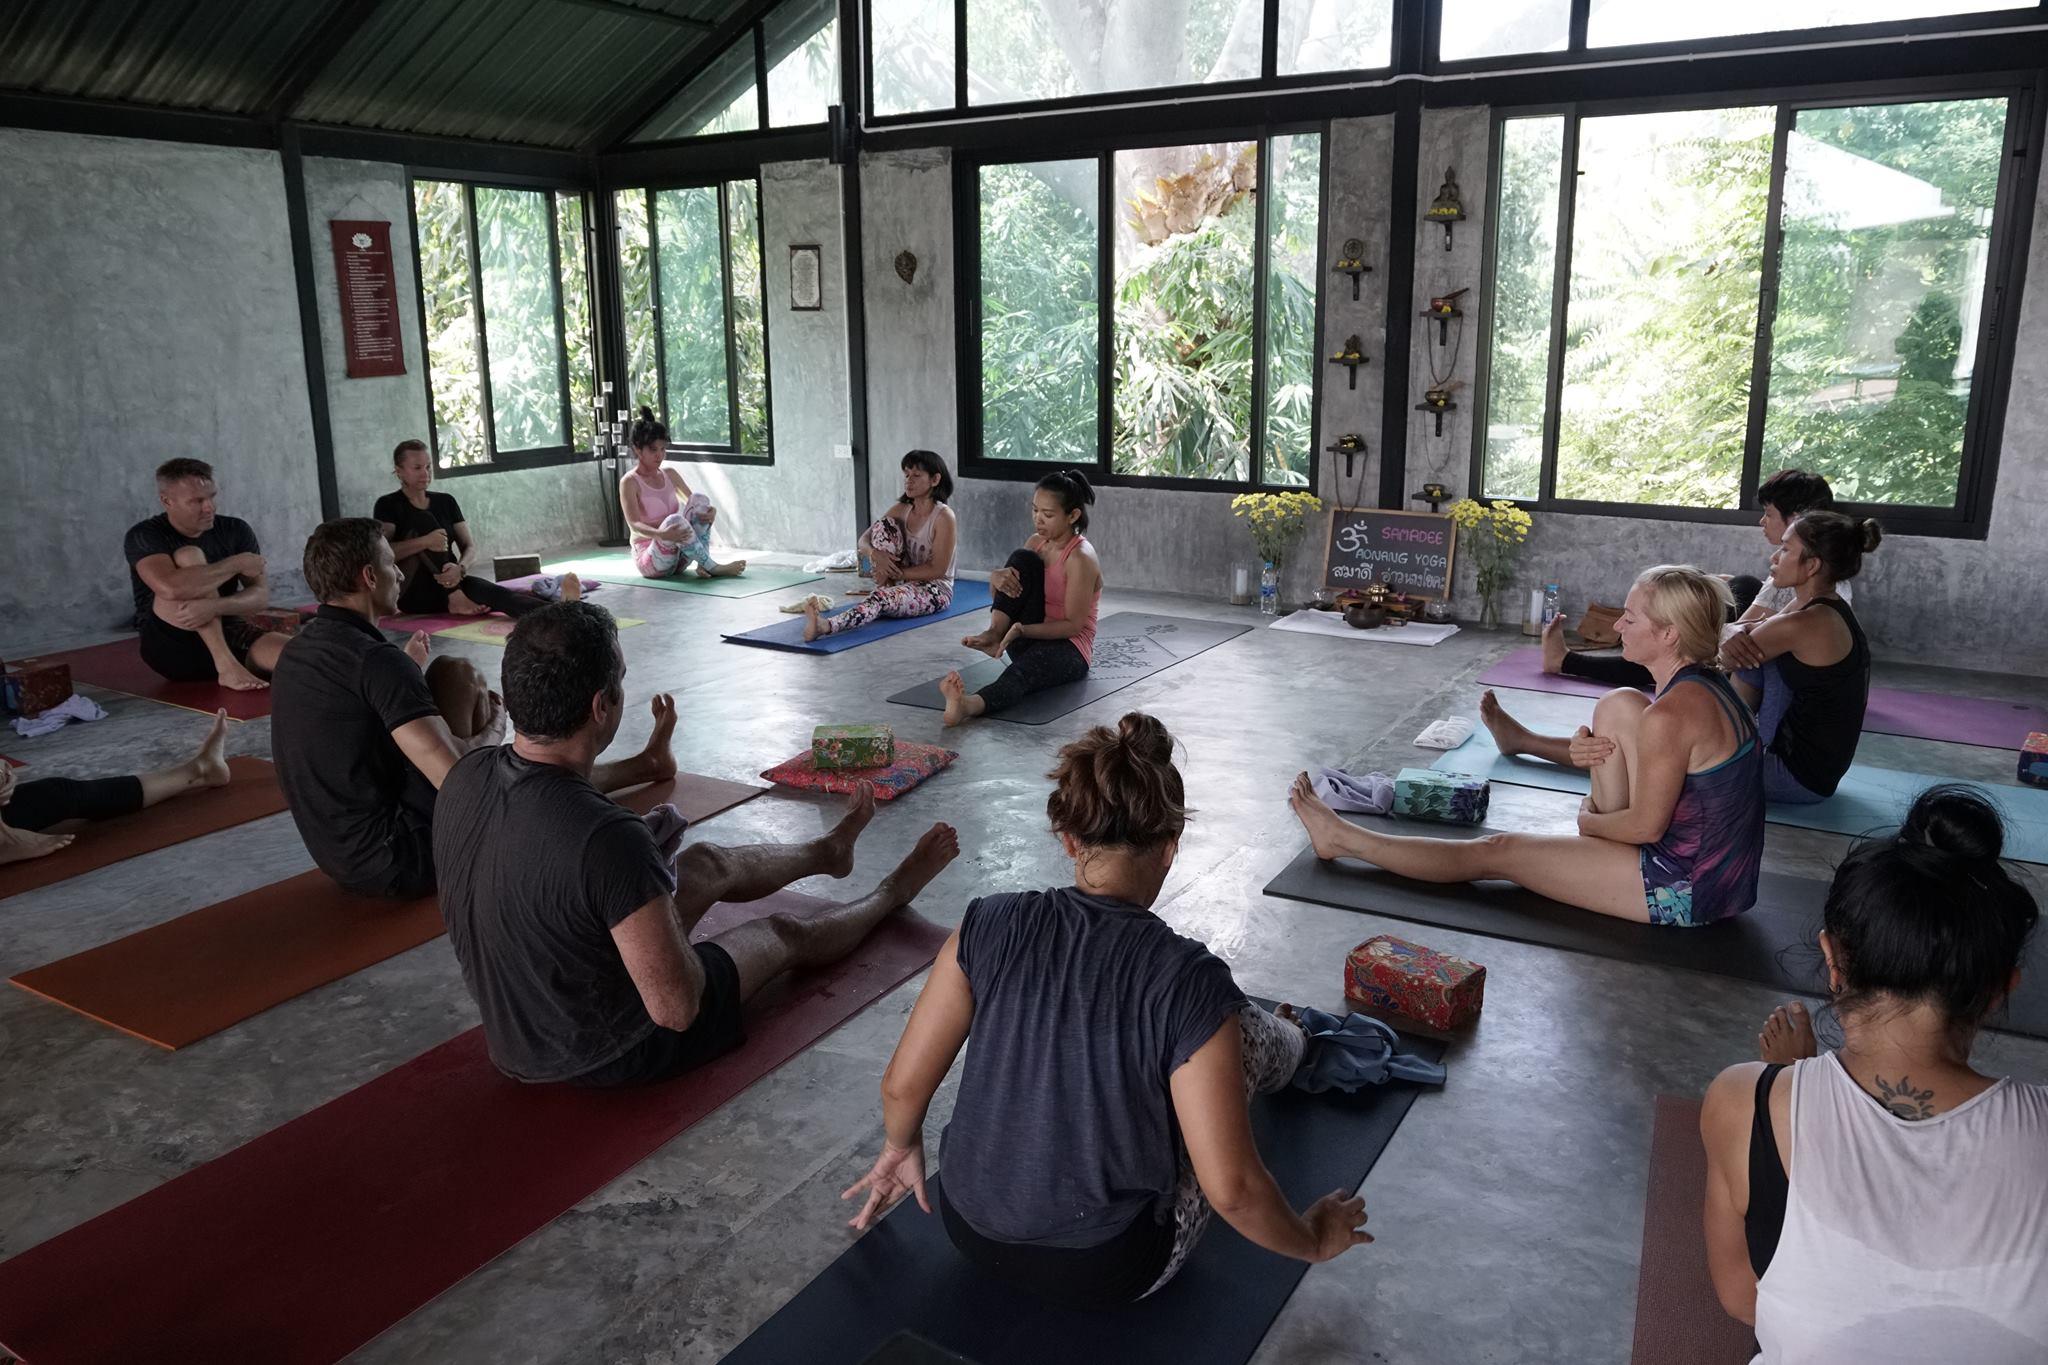 Bene jaukiausia jogos studija Krabyje - Ao Nang Yoga